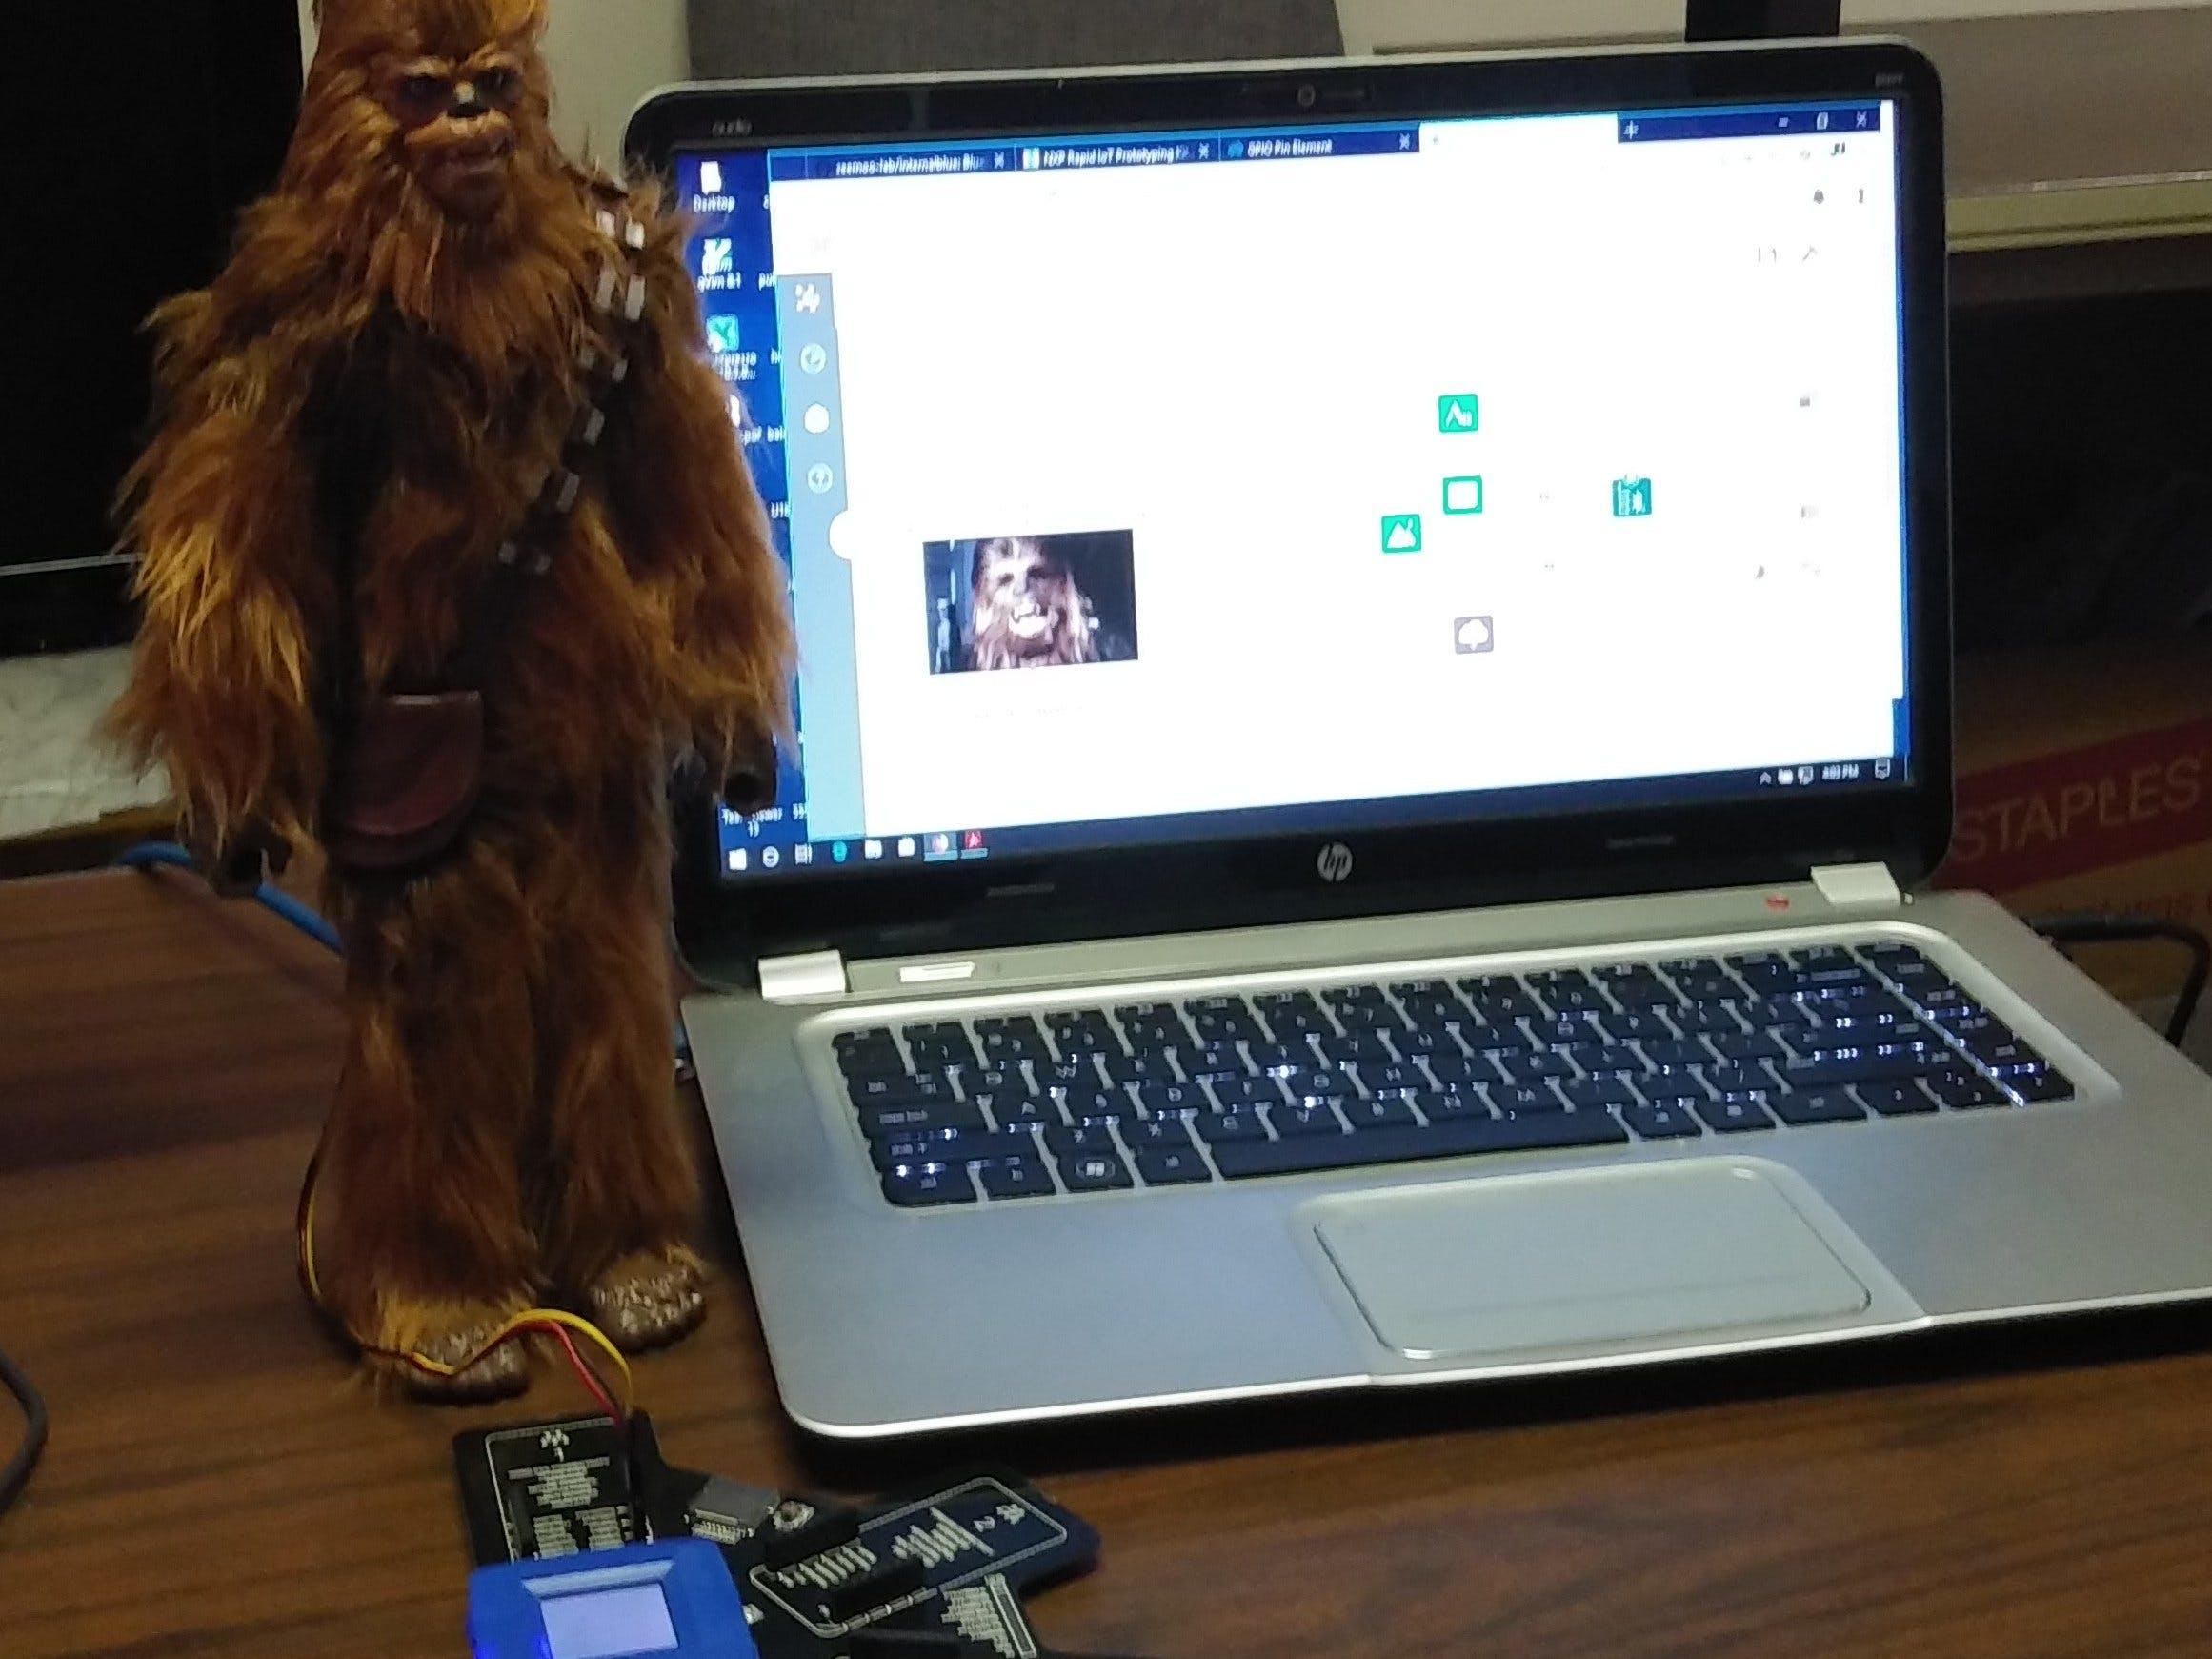 Internet of Wookies